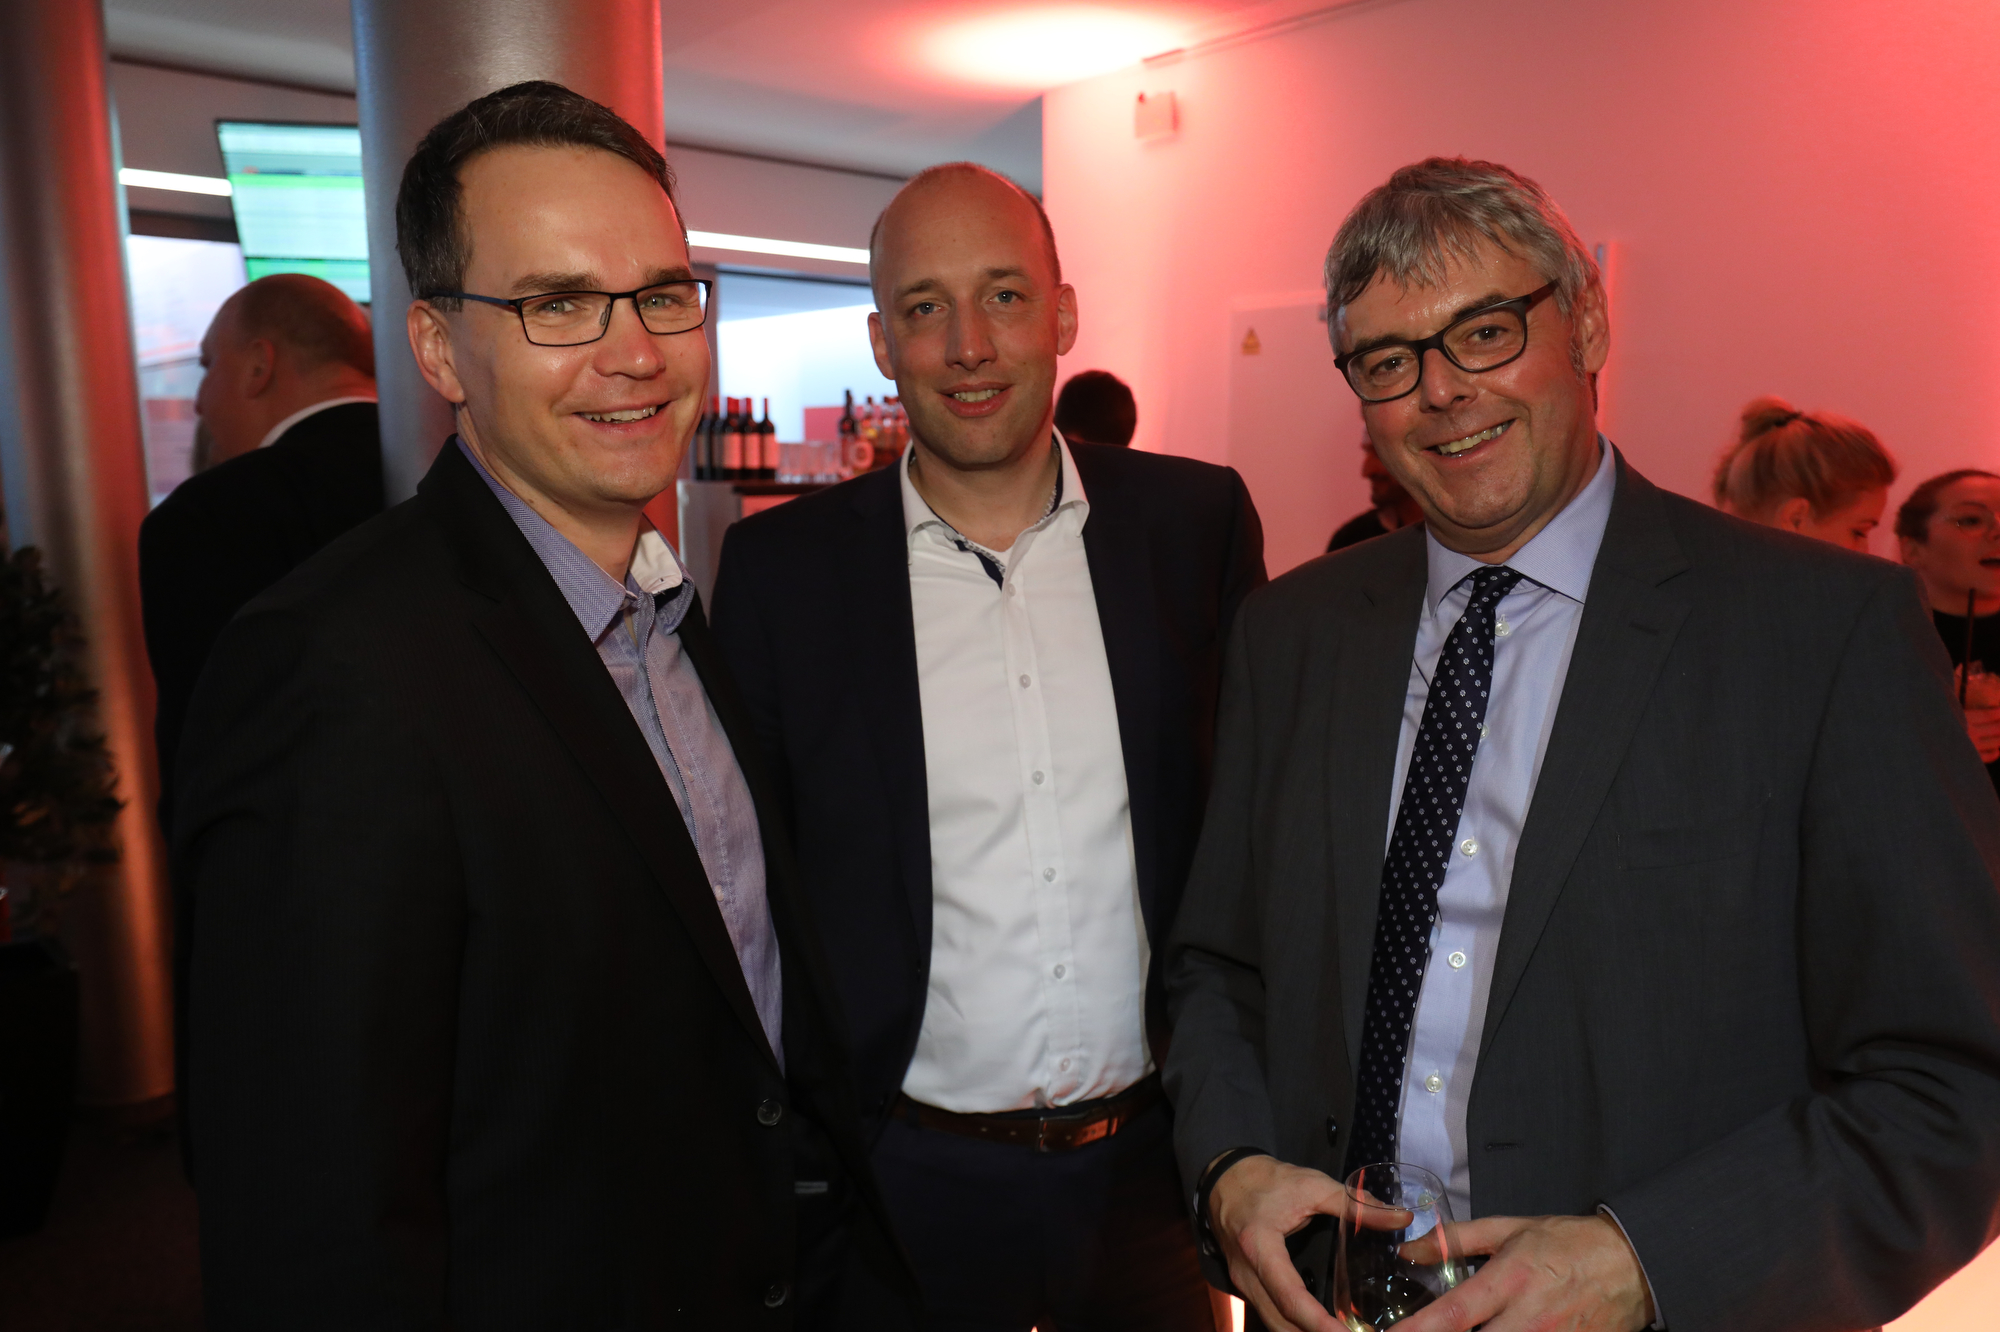 Jochen Anderweit, GF Grafschafter Nachrichten; Claas Schmedtje, GF Braunschweiger Zeitungsverlag; Christopher Franzen, GF NWZ Funk und Fernsehen (Bild: ©ARP/SCHEFFE)